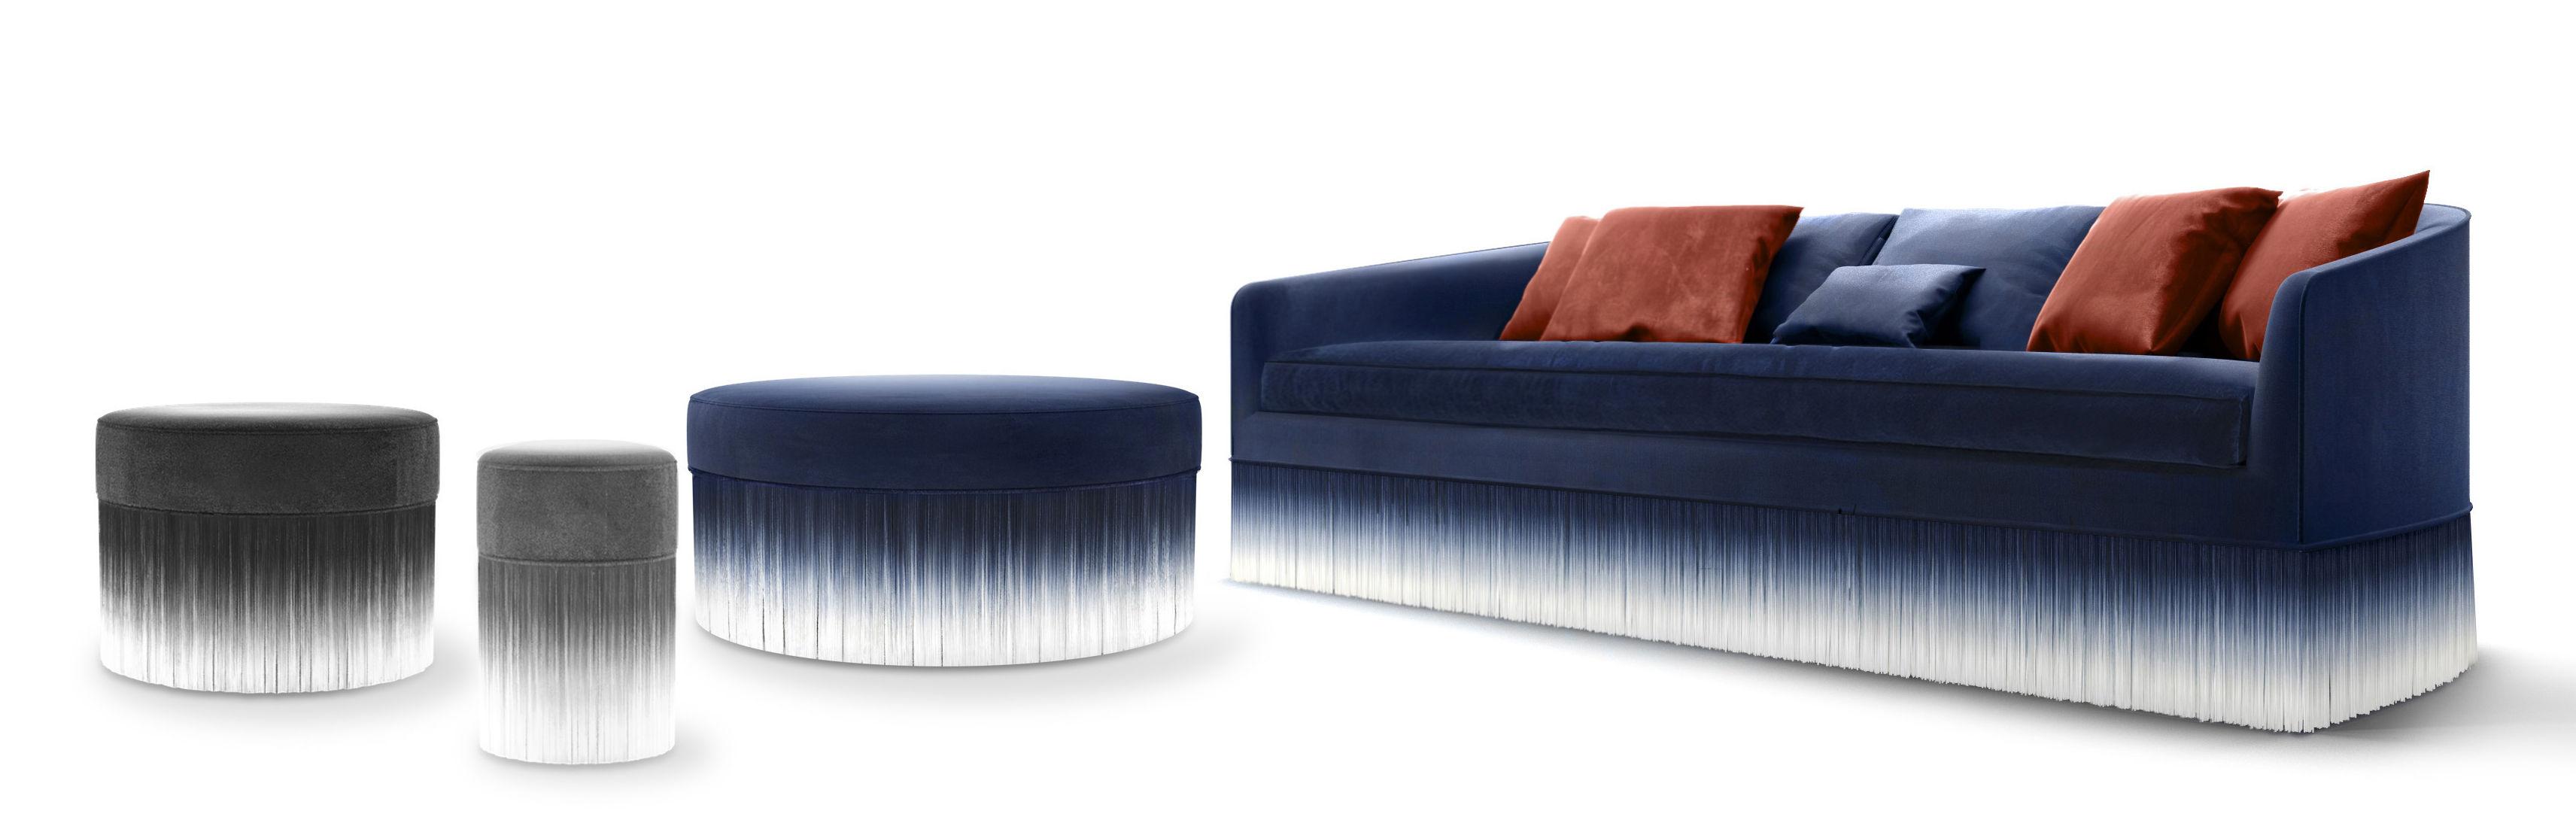 Scopri divano destro amami 3 posti l 250 cm velluto - Divano lungo 250 cm ...